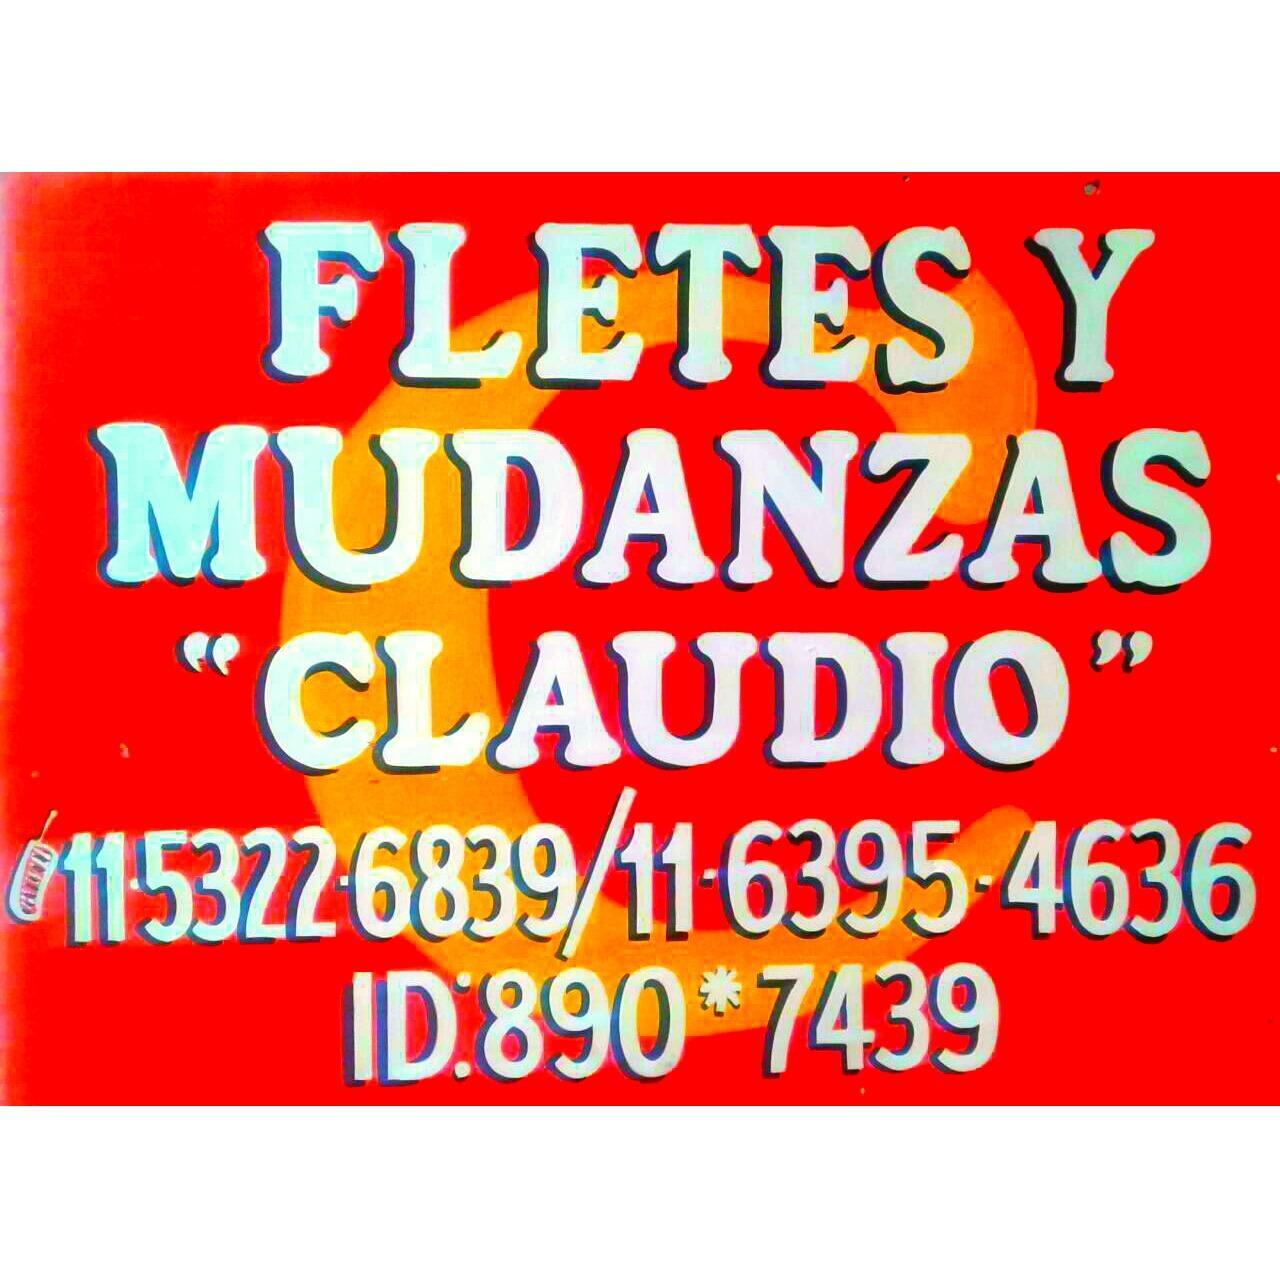 FLETES  Y MUDANZAS  CLAUDIO REYES